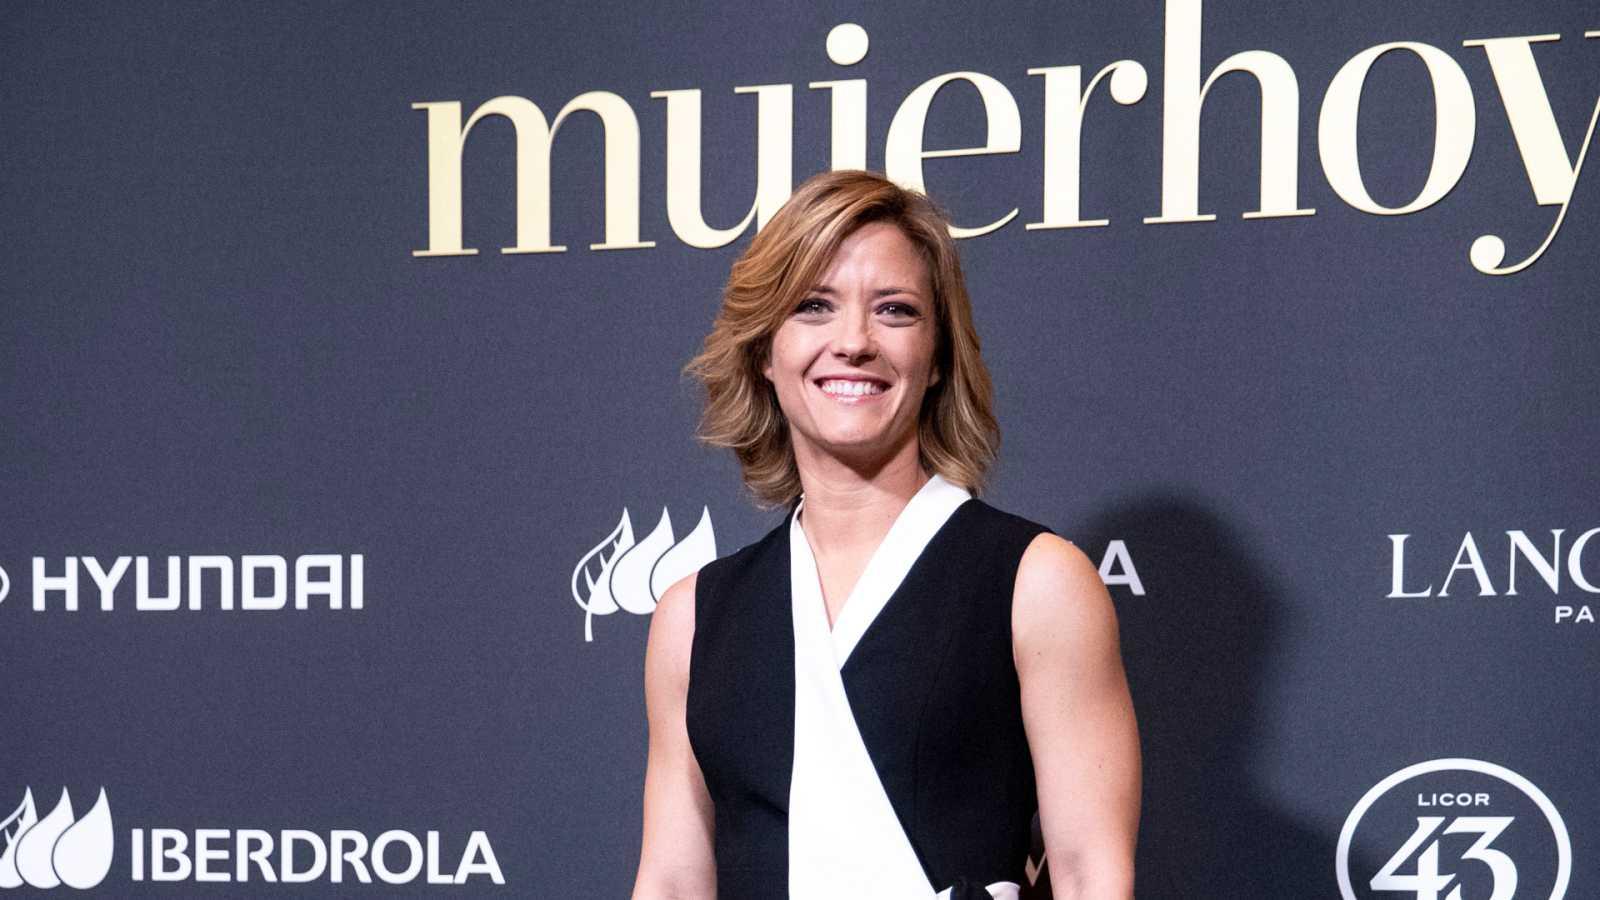 Corazón - María Casado, Agatha Ruiz o María Pombo: ¿quiénes han sido las que más han destacado en los Premios Mujerhoy?